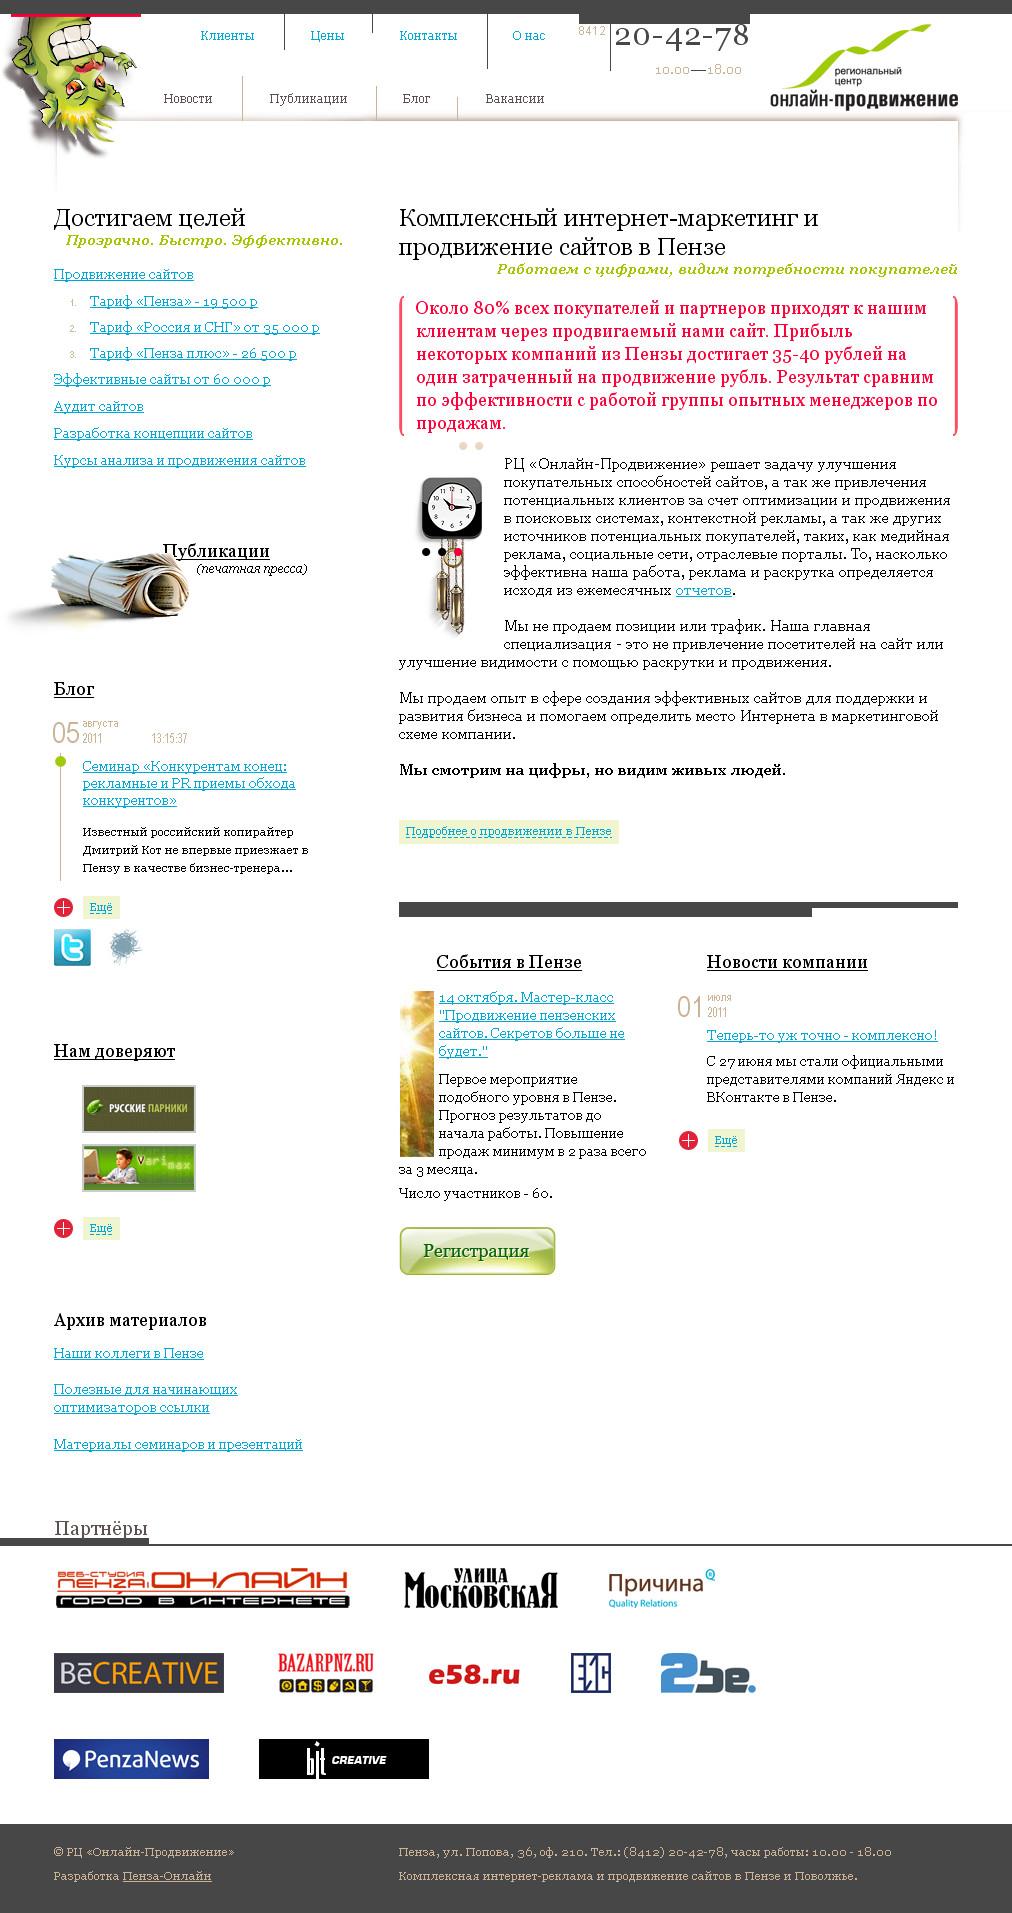 Создание сайтов пенза цены бриф на продвижение сайта пример